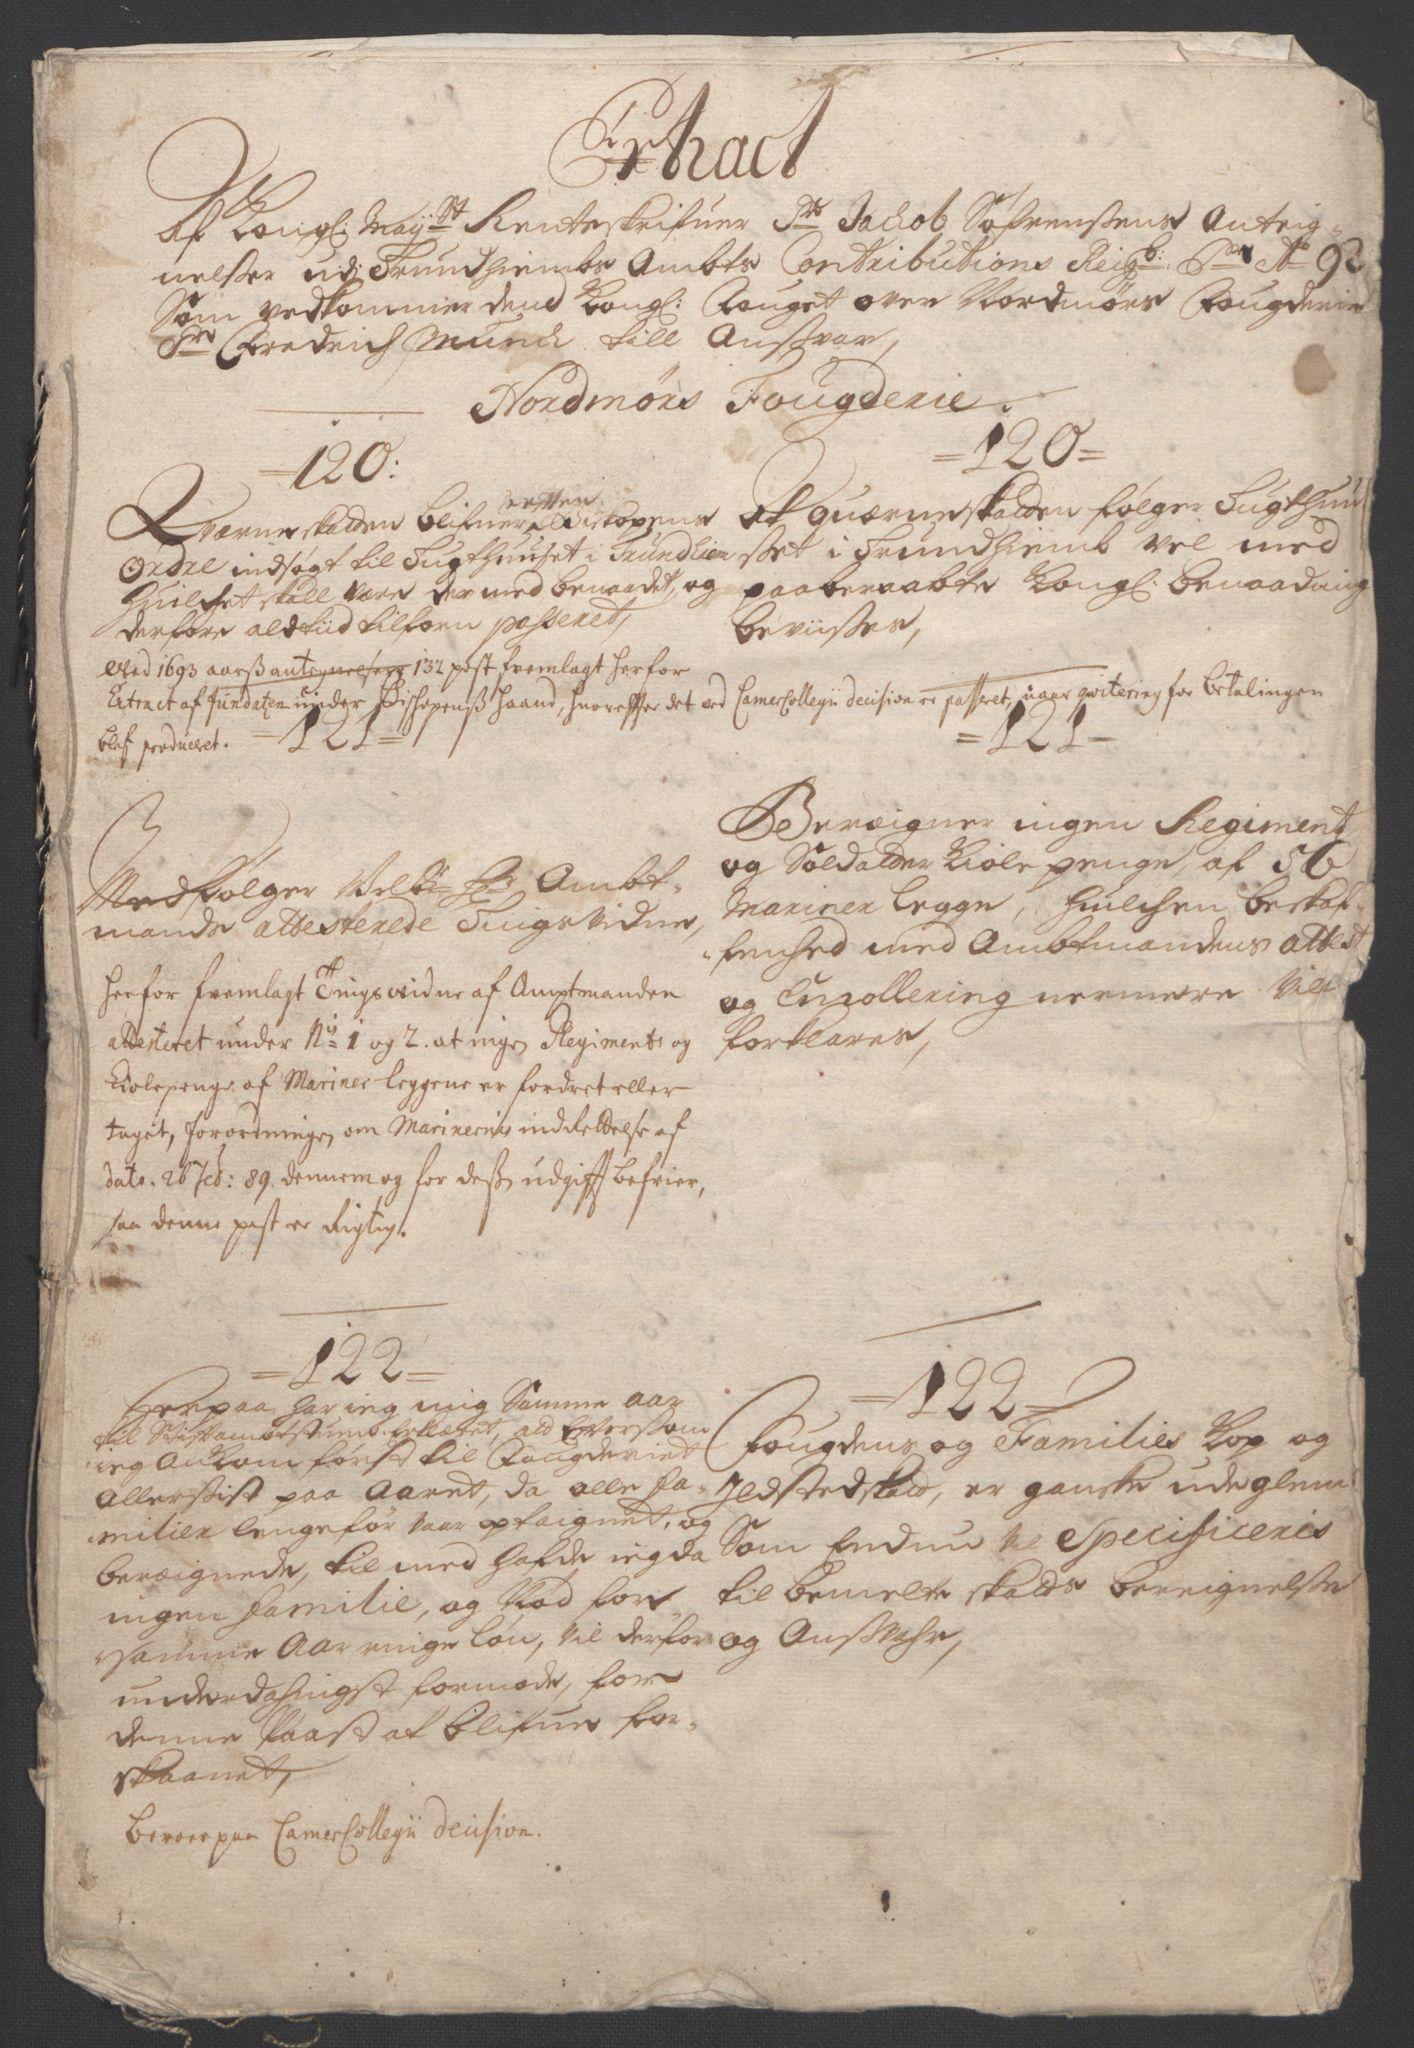 RA, Rentekammeret inntil 1814, Reviderte regnskaper, Fogderegnskap, R56/L3735: Fogderegnskap Nordmøre, 1692-1693, s. 9